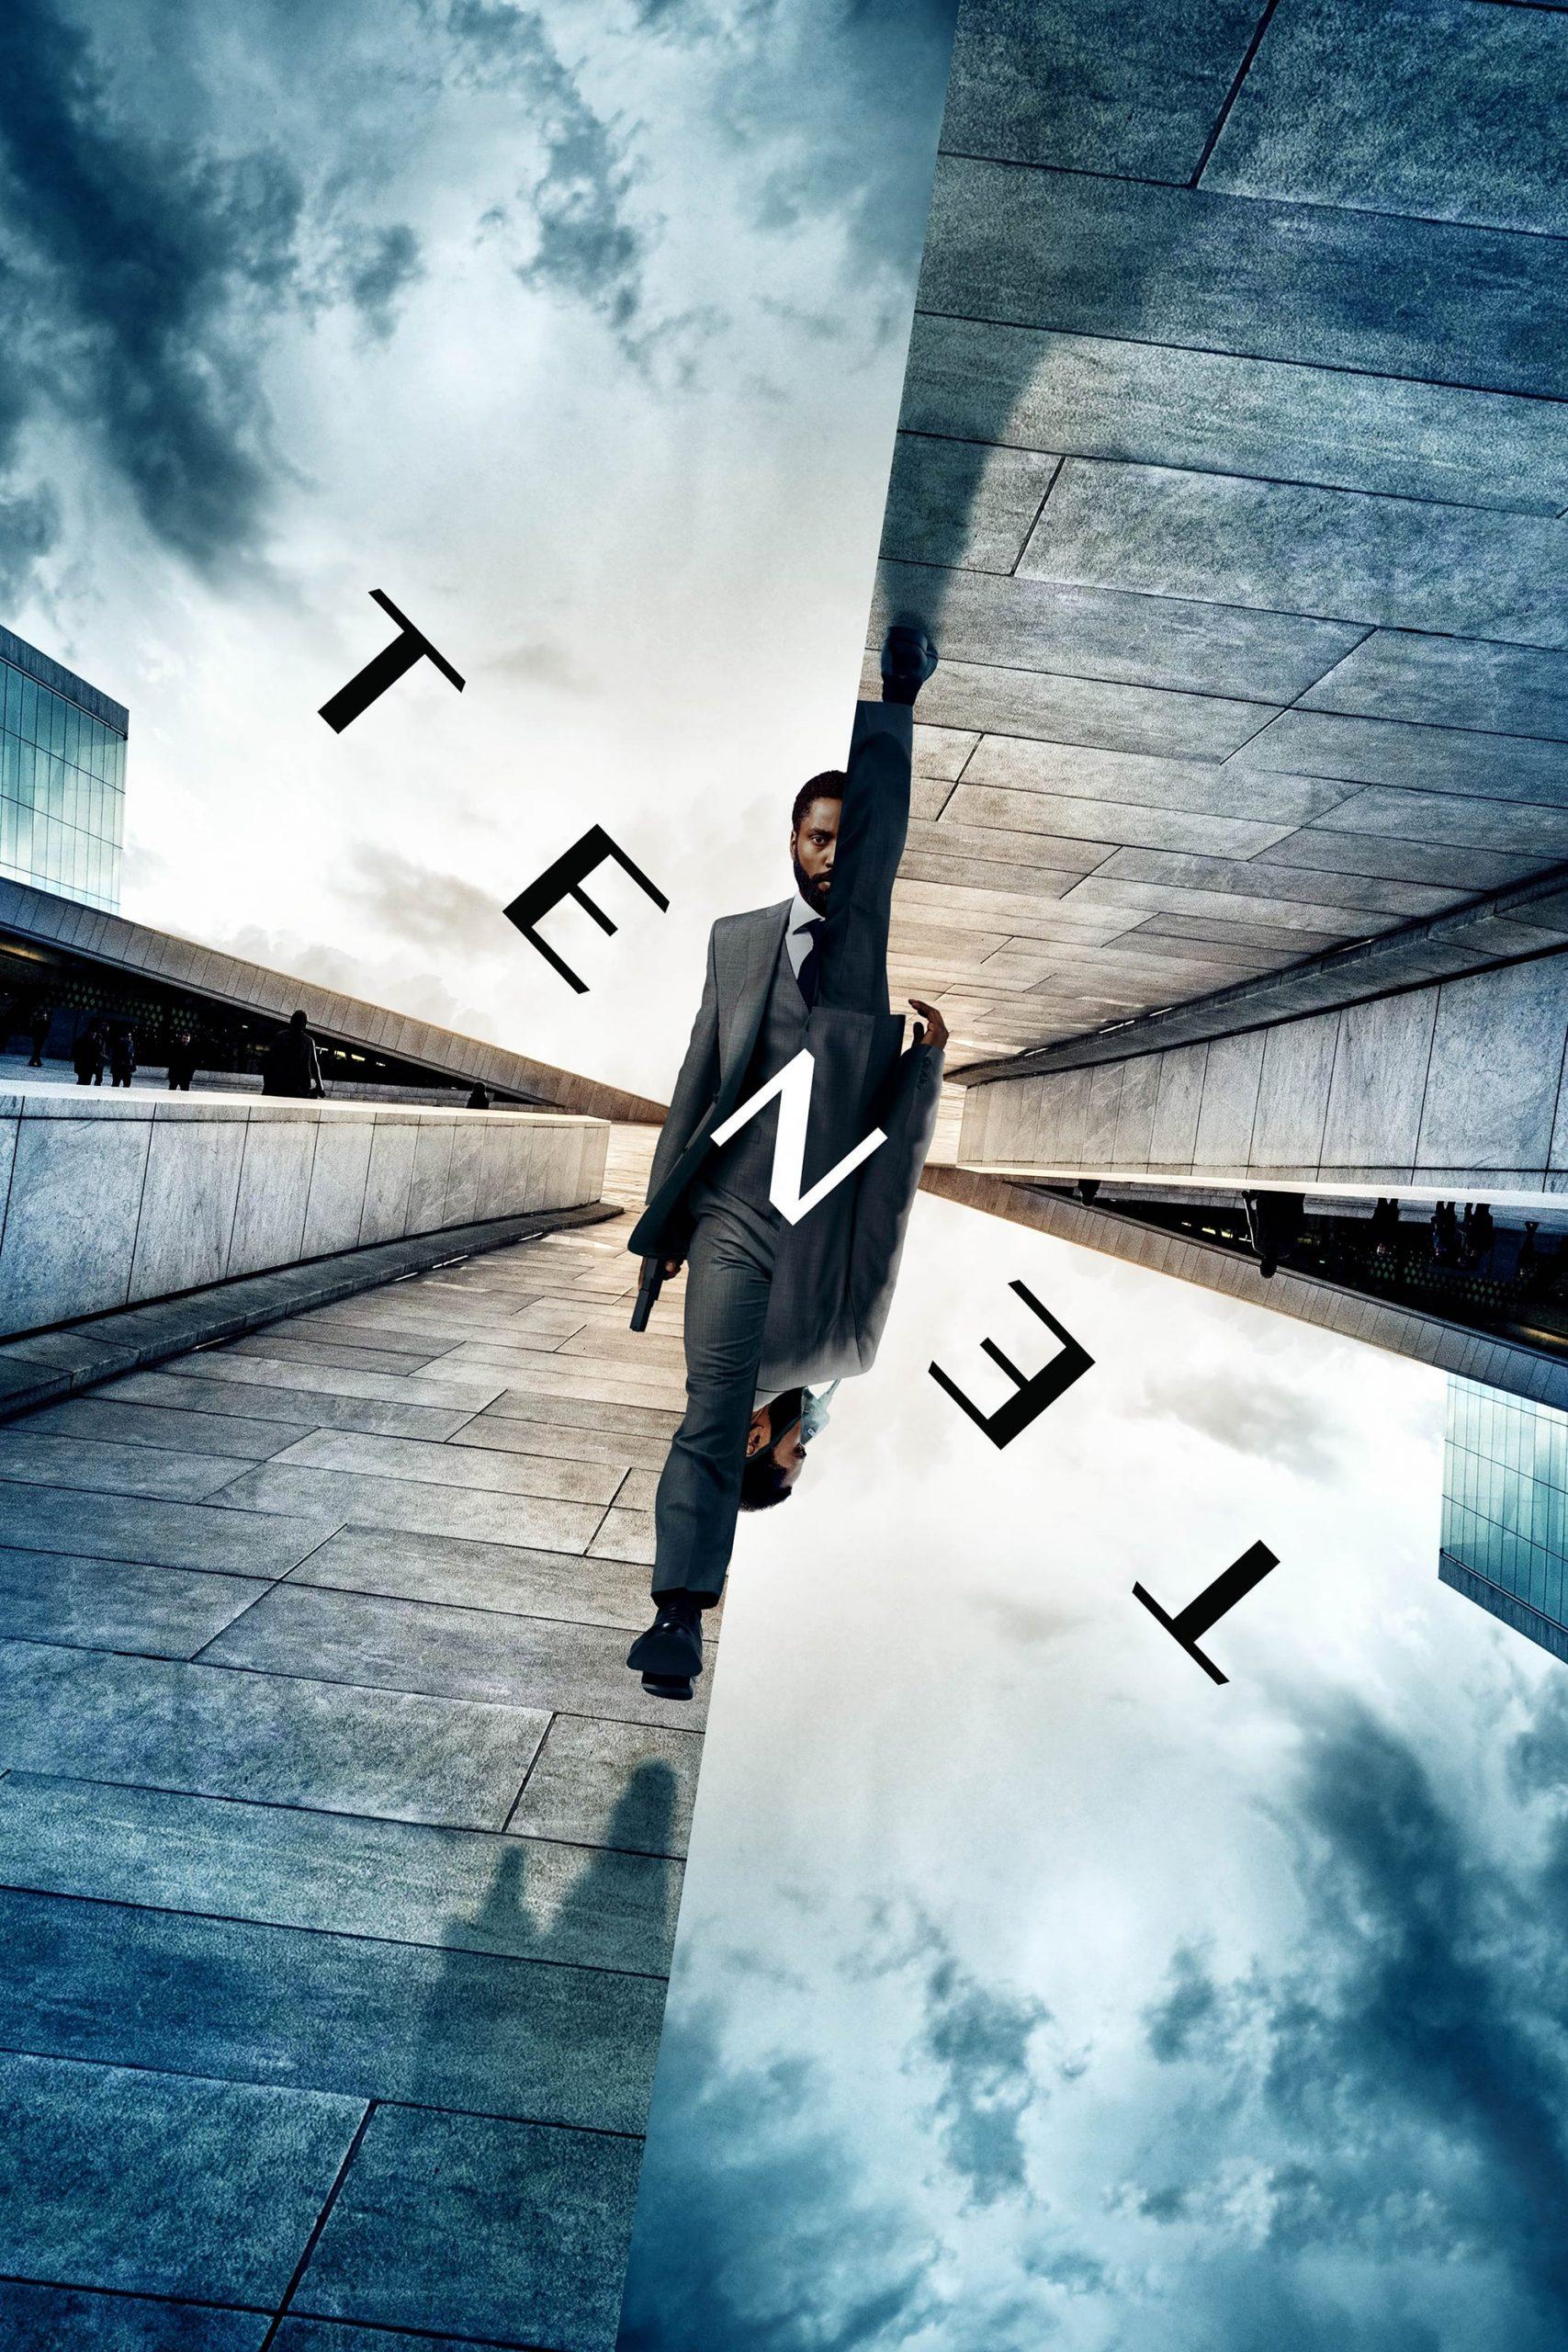 Poster for Tenet